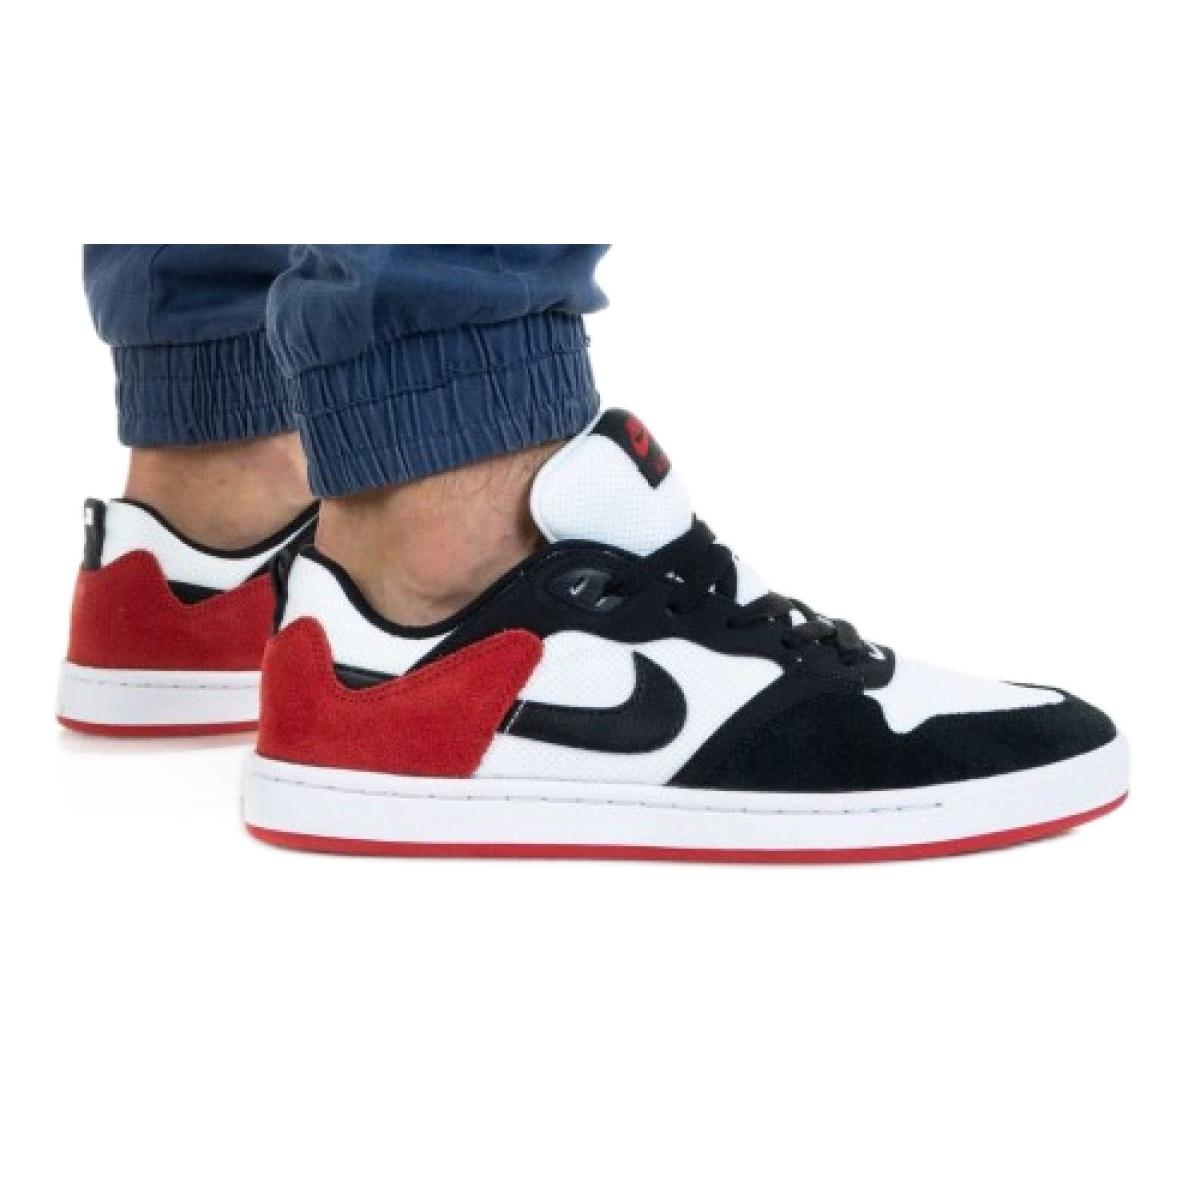 Nike Sb Alleyoop M CJ0882-102 white black red